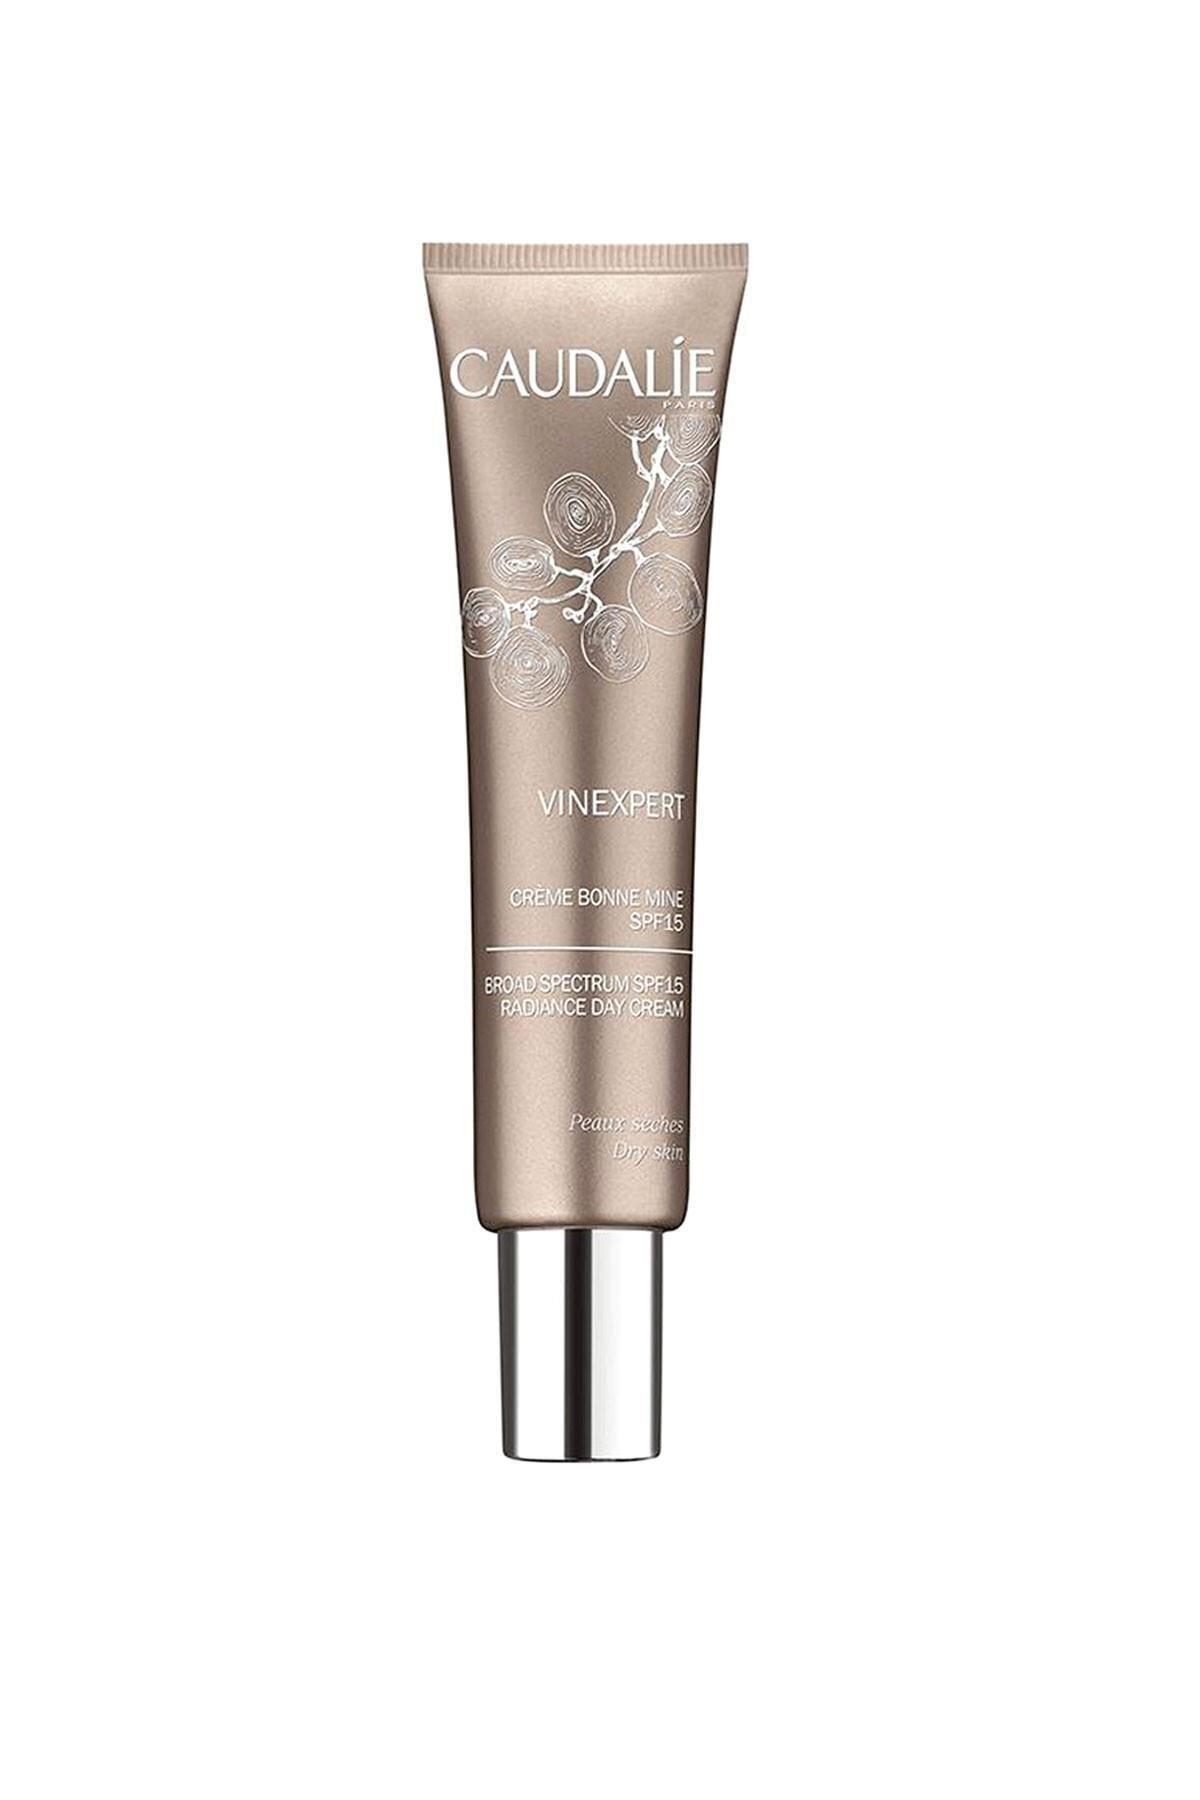 Caudalie Vinexpert Radiance Day Cream Spf15 40 ml 1